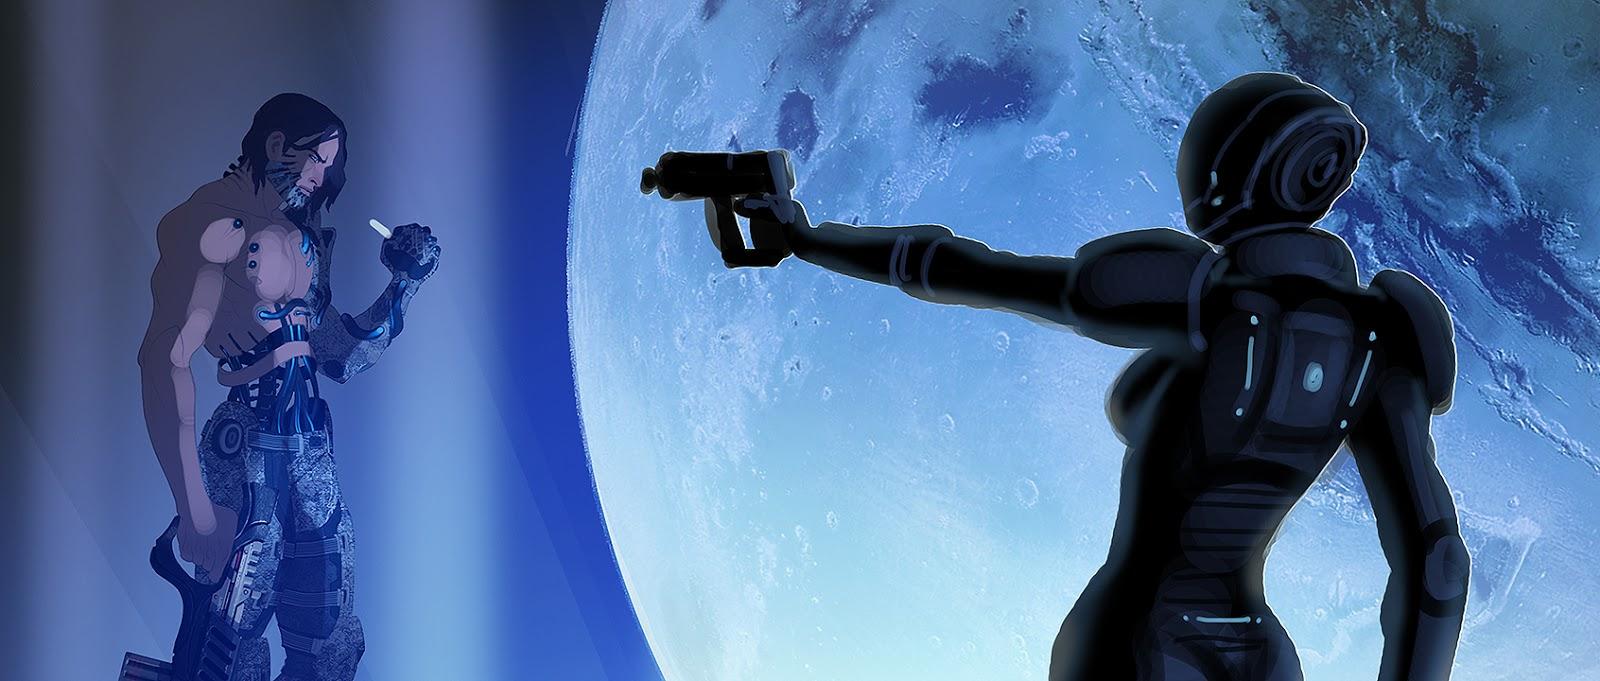 Takhle mohl původně vypadat Mass Effect a Dragon Age 85163